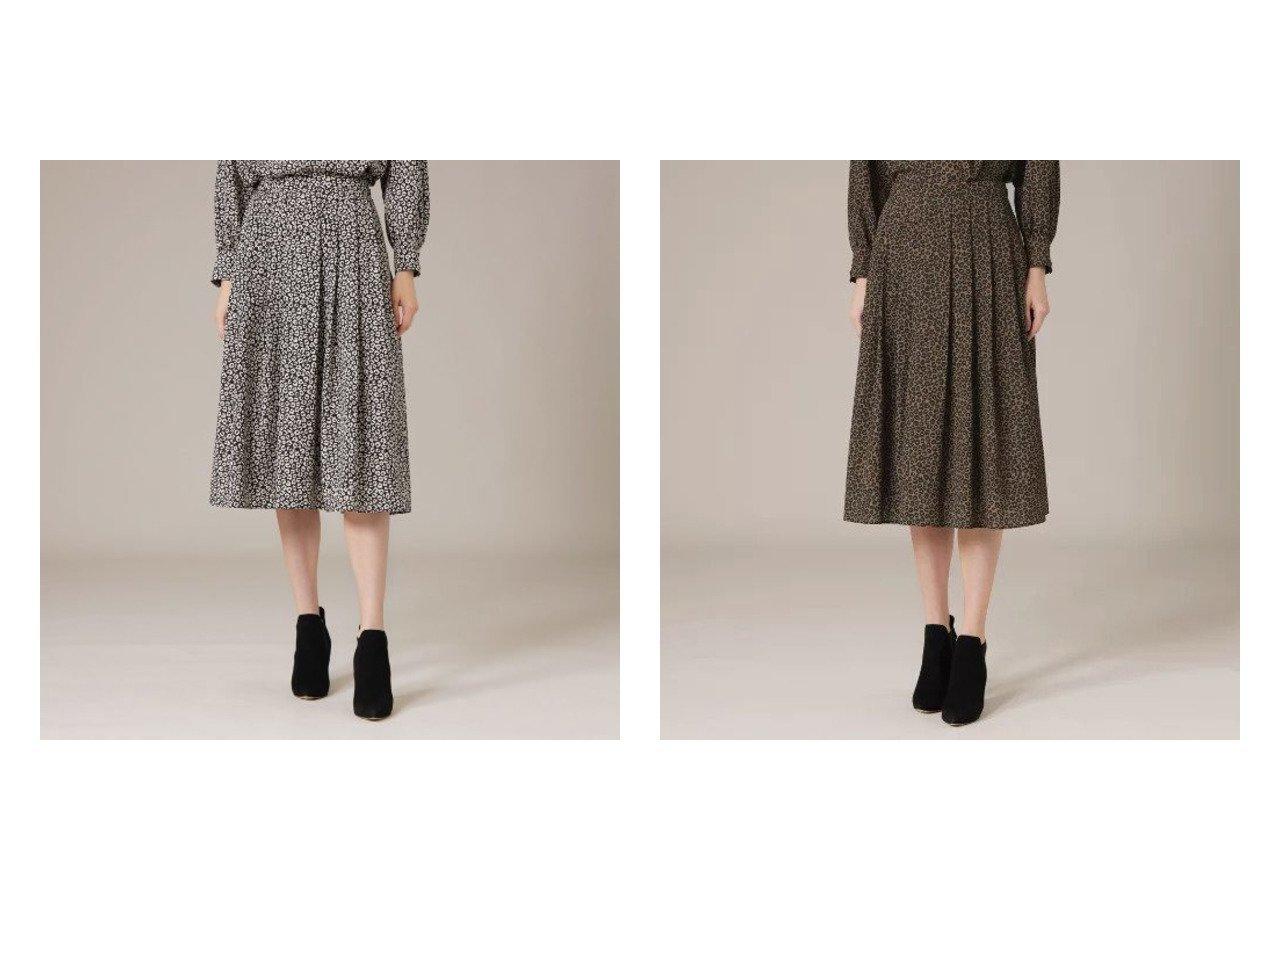 【MACKINTOSH LONDON/マッキントッシュ ロンドン】のレオパードプリントスカート 【スカート】おすすめ!人気、トレンド・レディースファッションの通販 おすすめで人気の流行・トレンド、ファッションの通販商品 インテリア・家具・メンズファッション・キッズファッション・レディースファッション・服の通販 founy(ファニー) https://founy.com/ ファッション Fashion レディースファッション WOMEN スカート Skirt おすすめ Recommend ウォッシャブル カットソー シンプル ストレッチ セットアップ ドレス ドレープ ベーシック マキシ レオパード ロング  ID:crp329100000074894